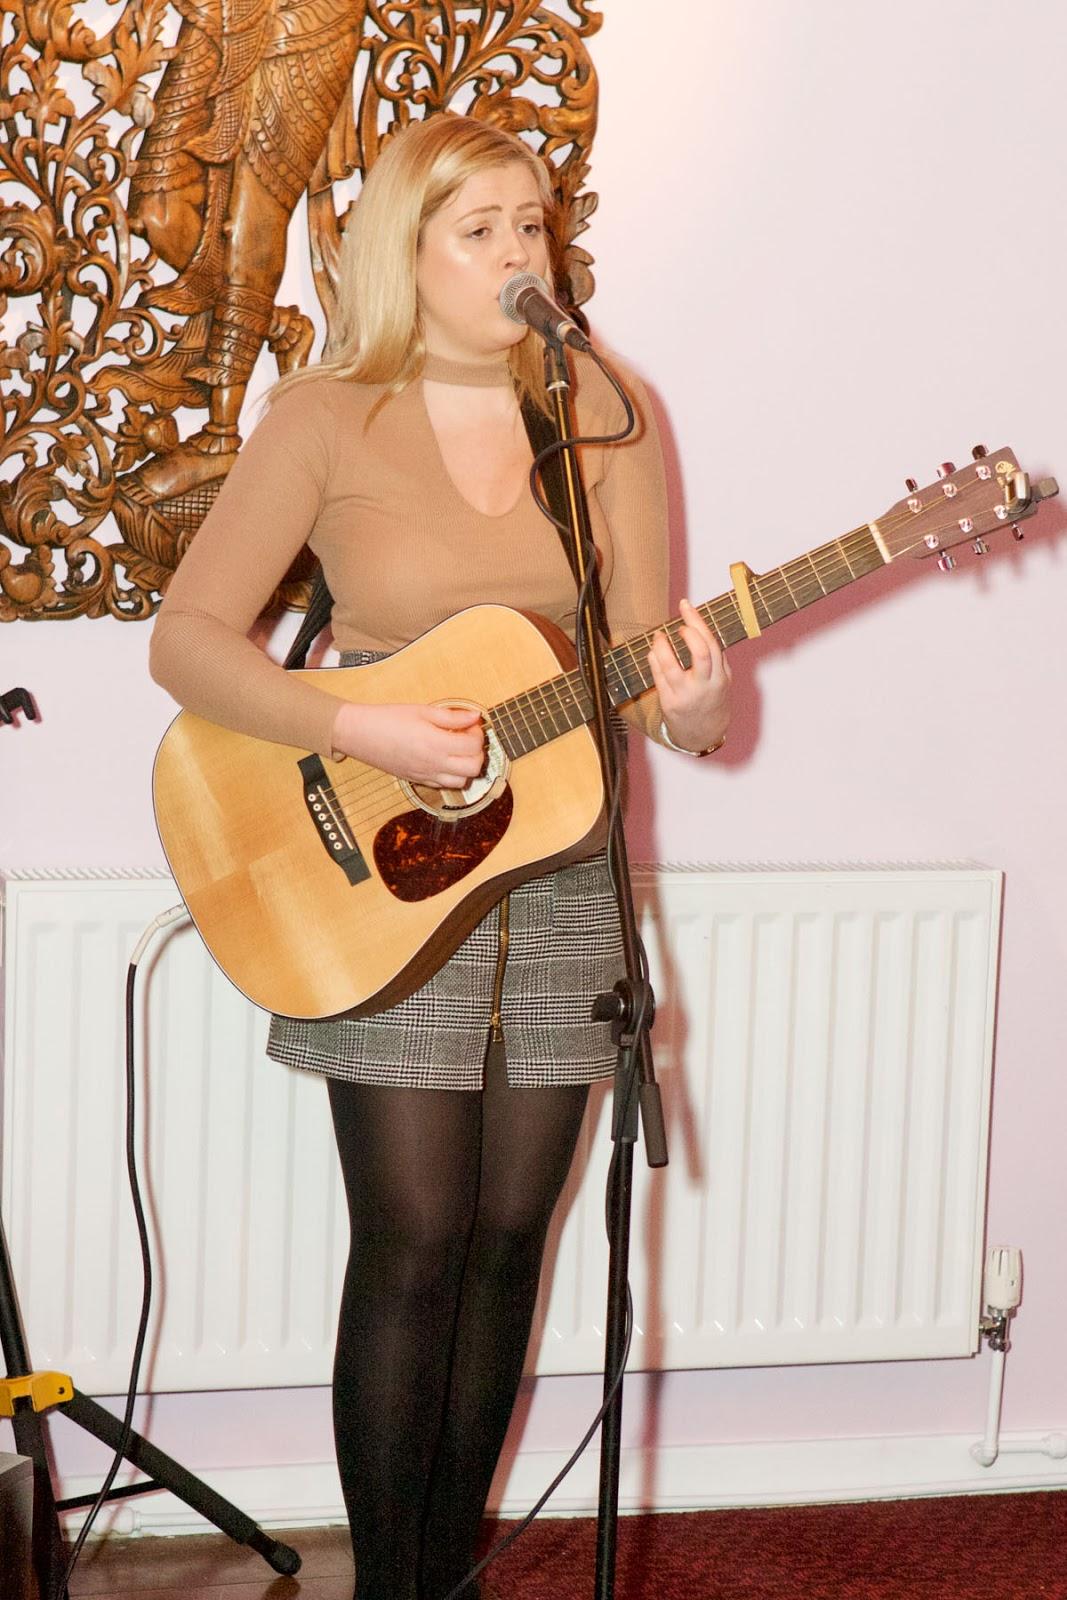 Annabel Pattinson Singer at the Orangegrass Thai Restaurant in South Shields